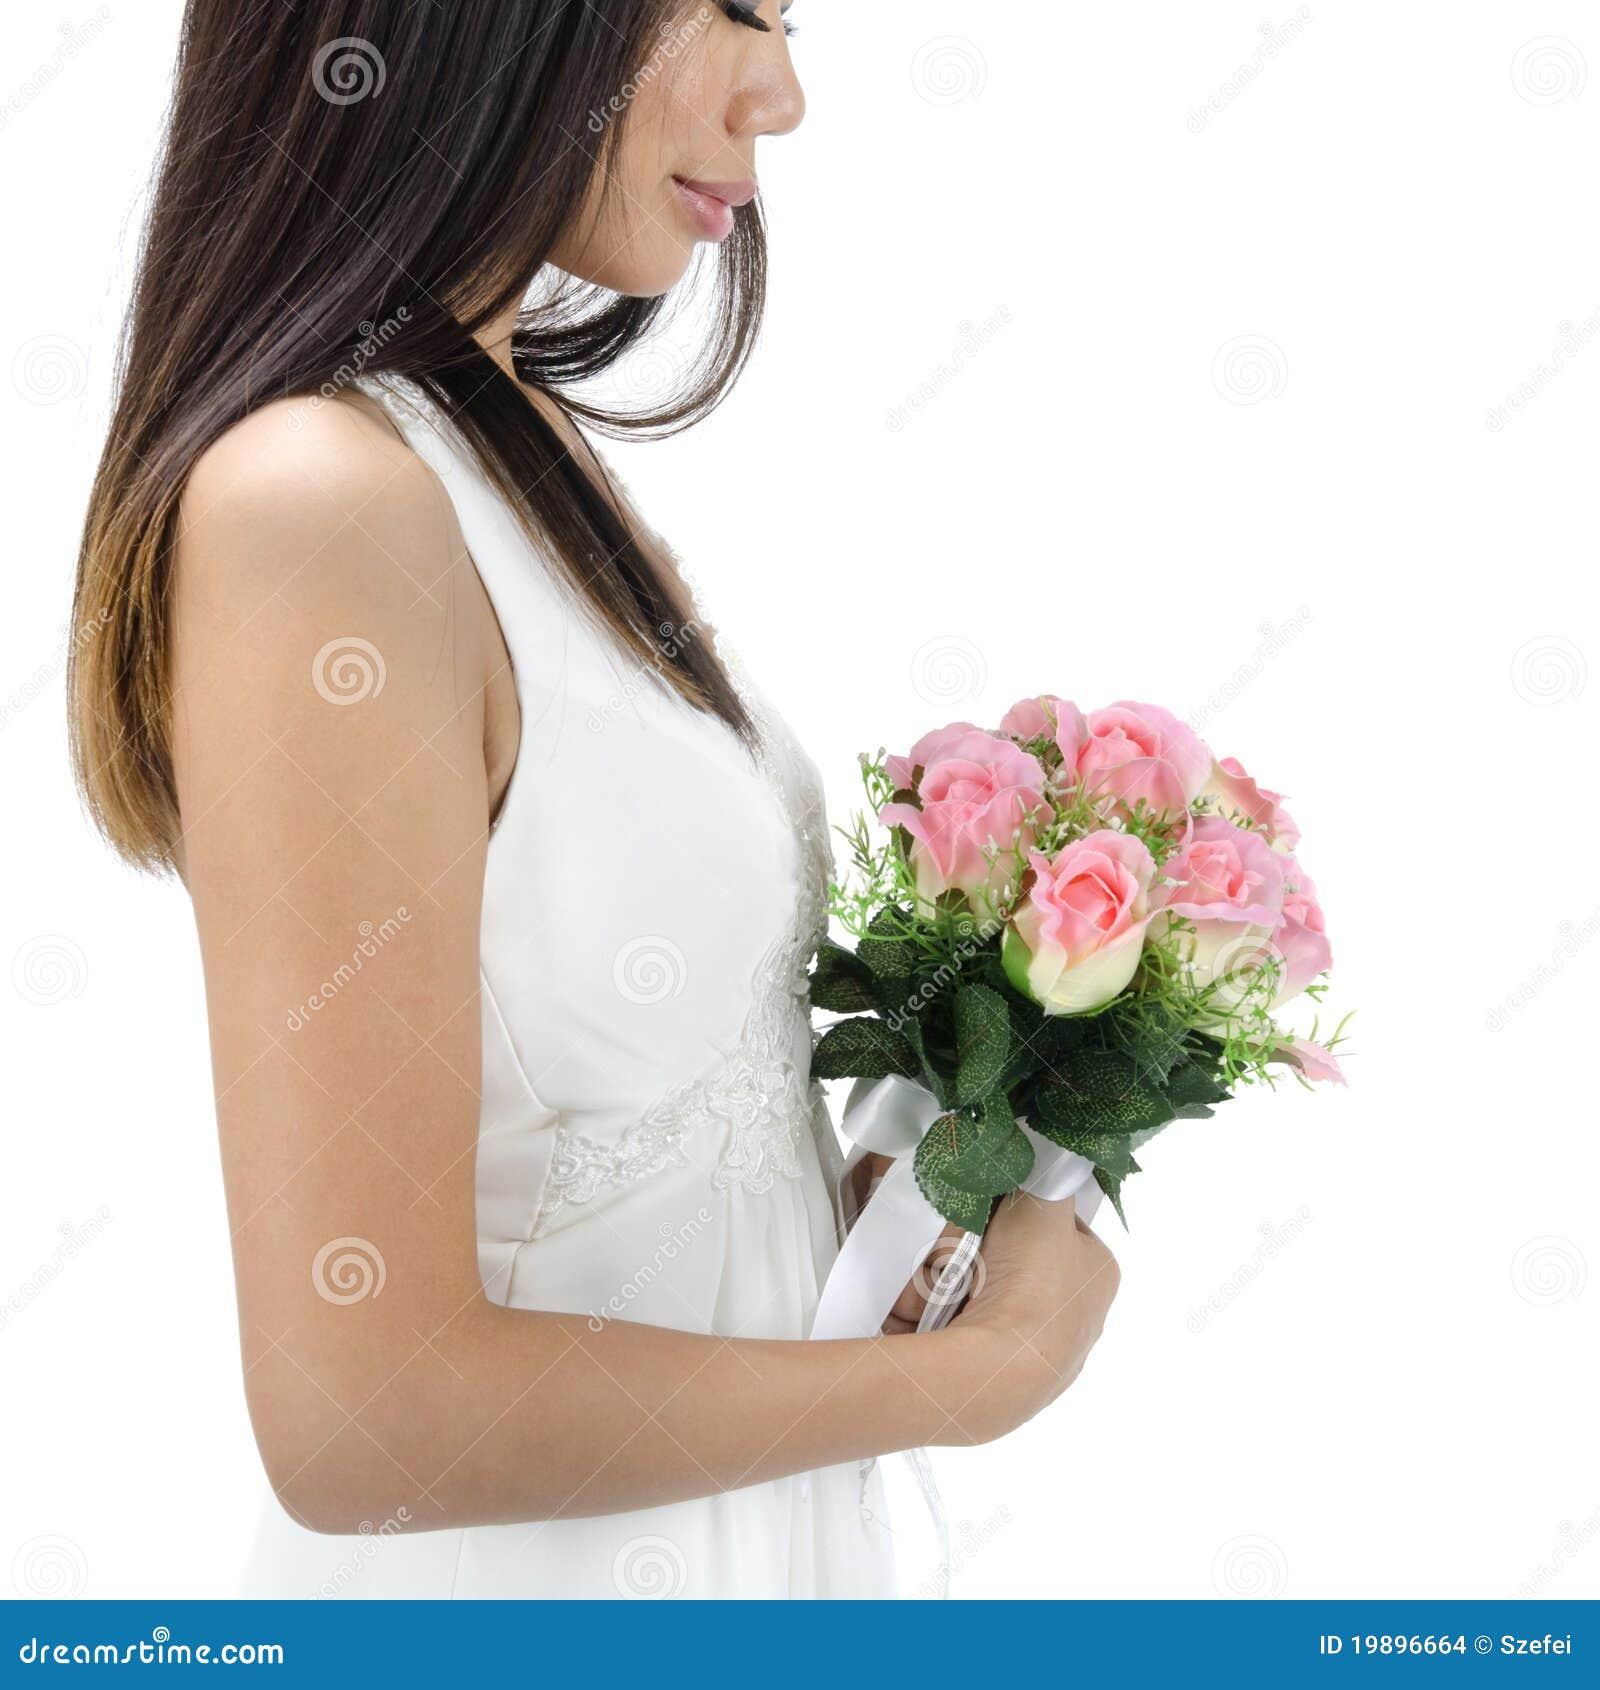 Brides Are Also 100